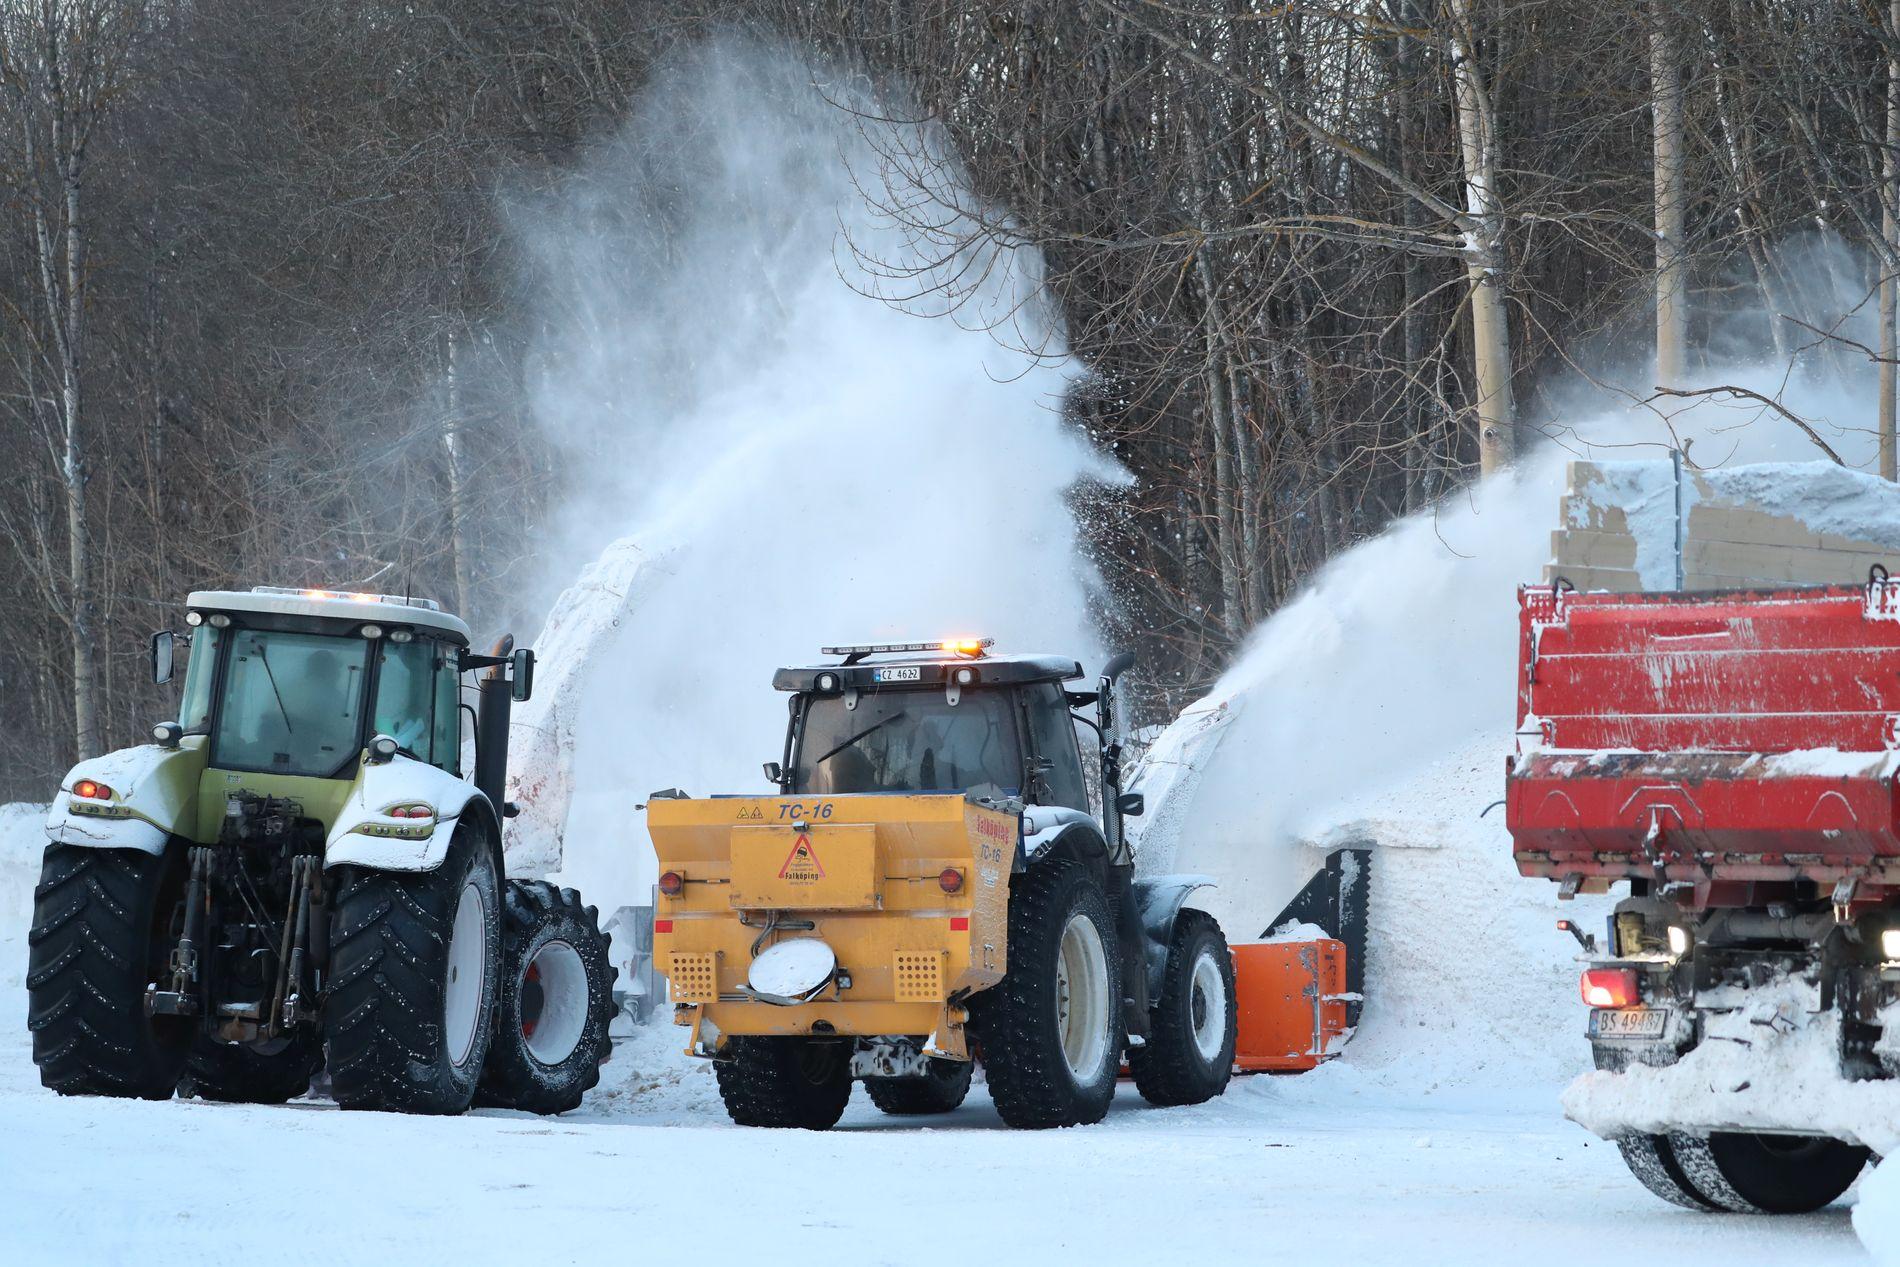 Kostnadene for brøyting og snøfjerning i Oslo kommer på godt over en million kroner dagen denne vinteren. Fortsatt er det så store snømengder at den må mellomlagres før kommunen har smeltekapasitet.